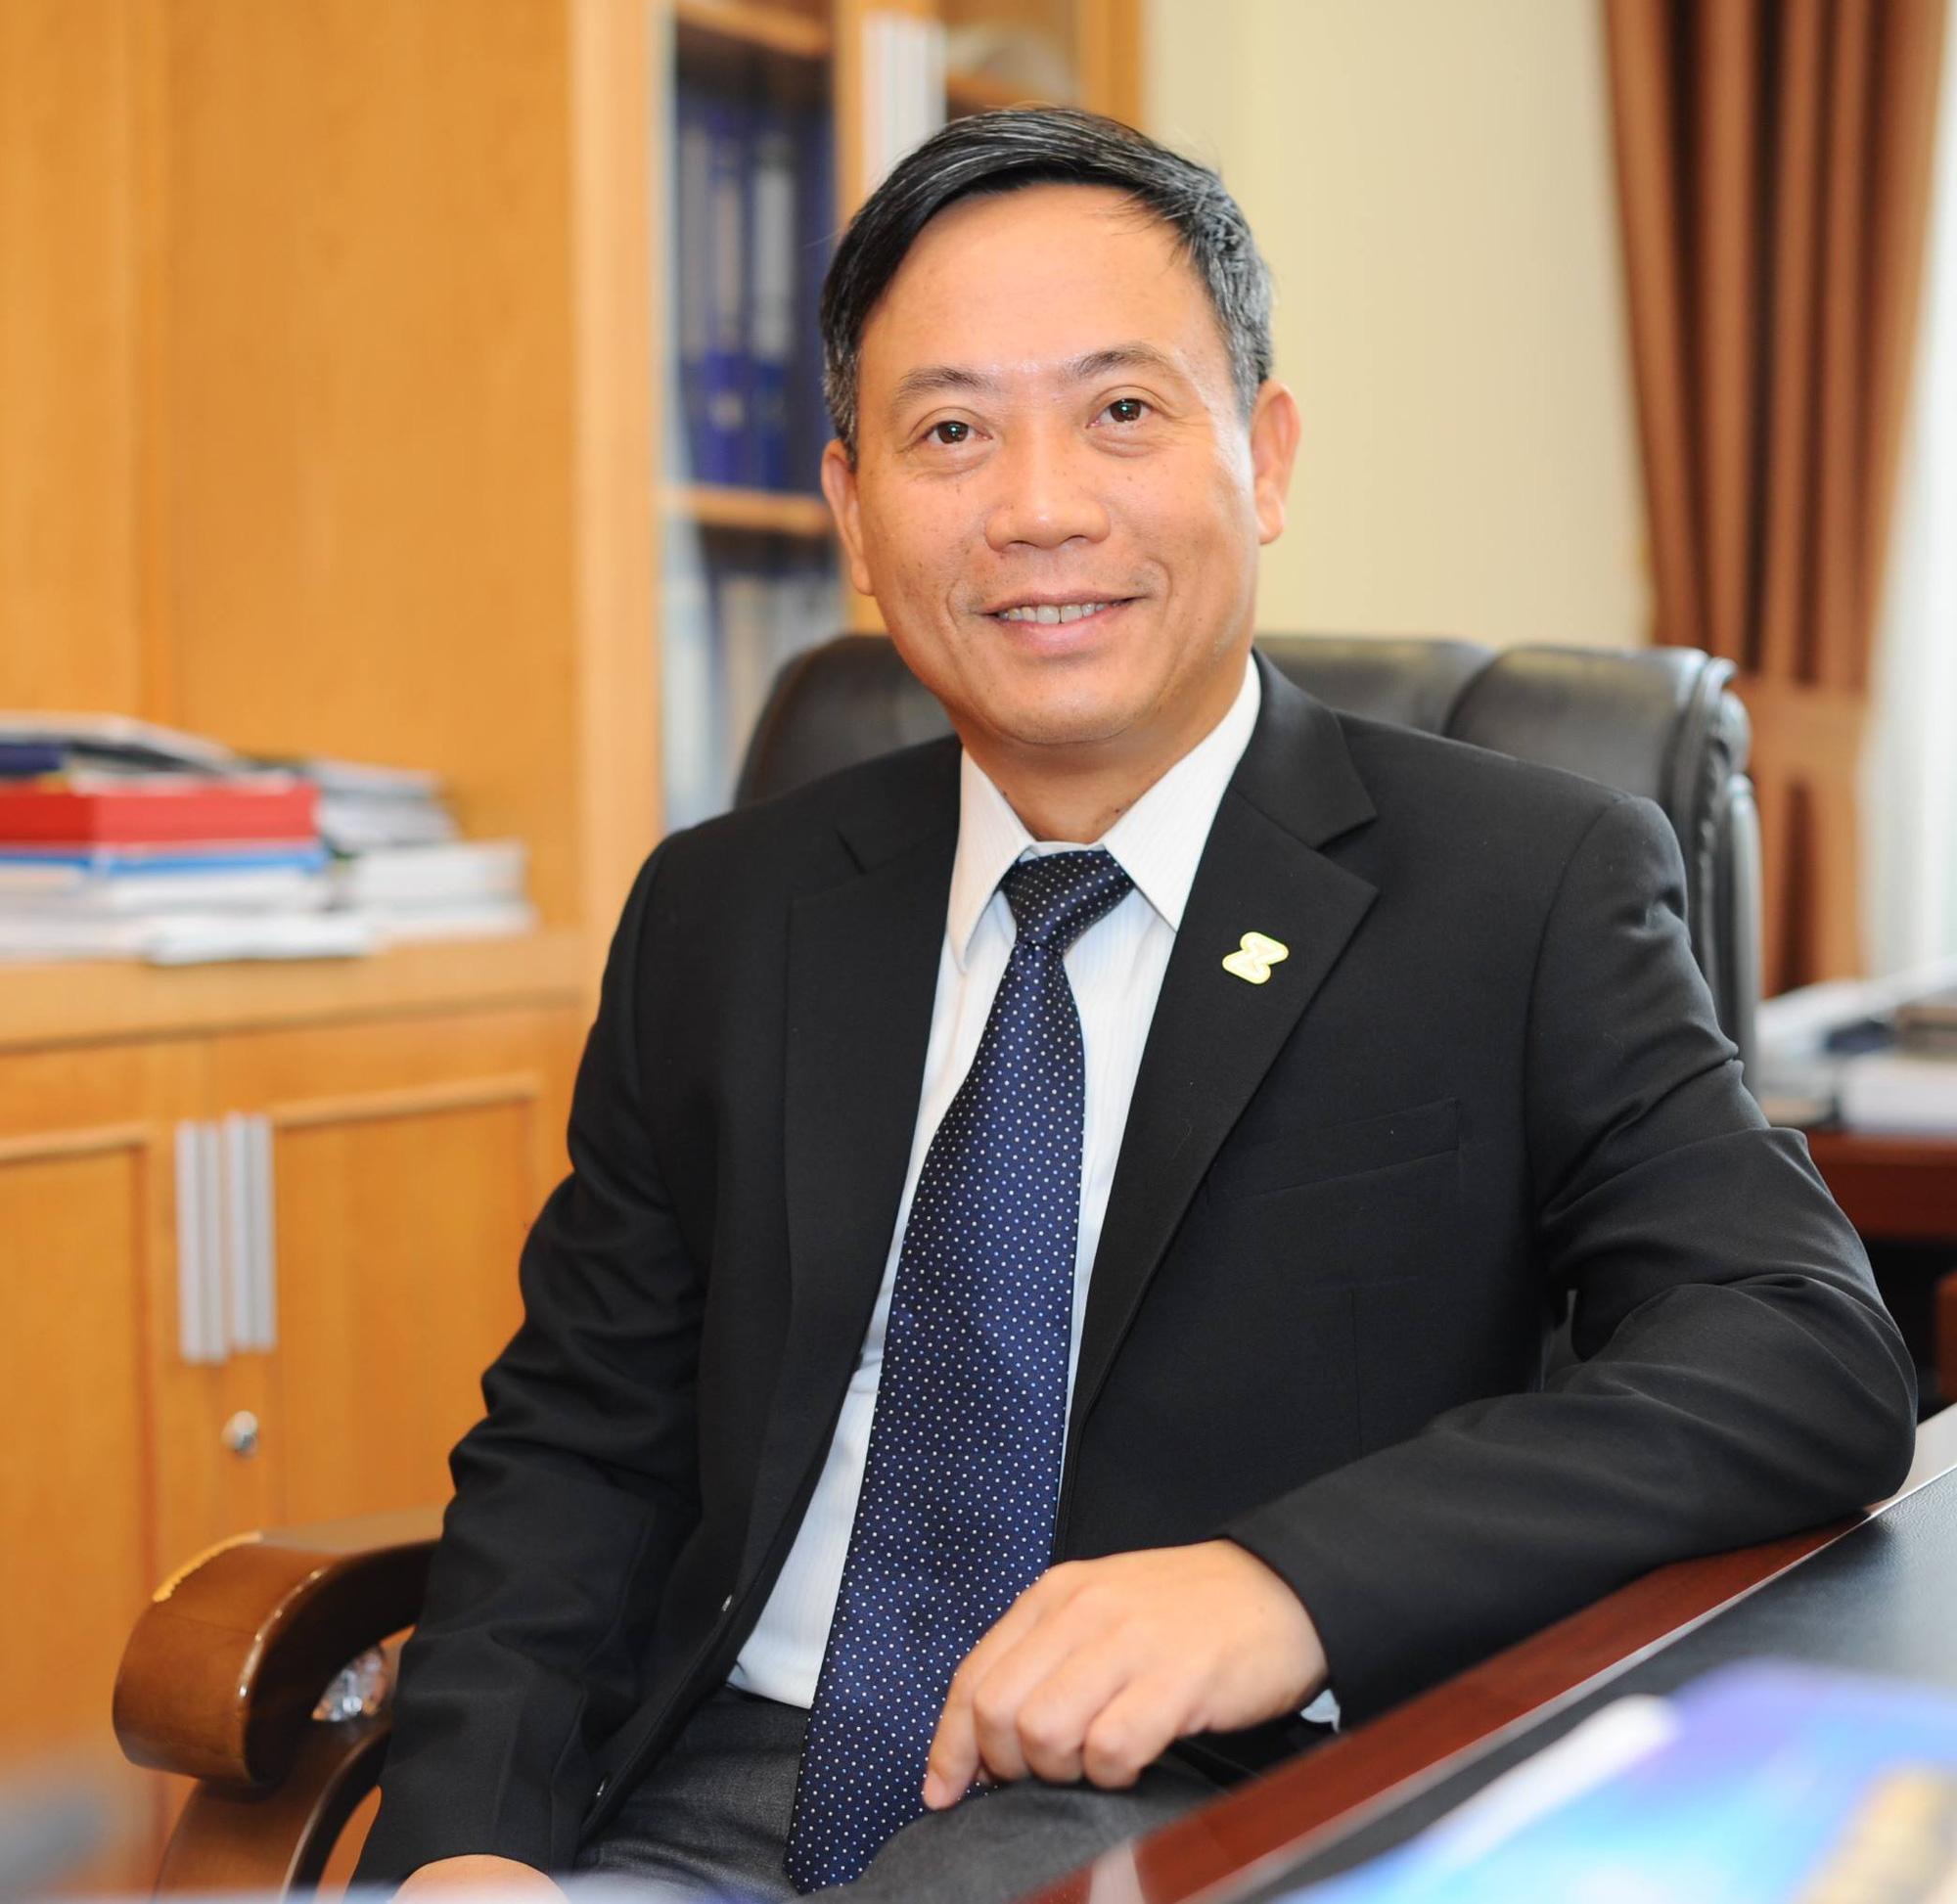 Chủ tịch UBCK Trần Văn Dũng: Tôi tin rằng TTCK Việt Nam được nâng hạng trước 2023 là tương đối chắc chắn - Ảnh 8.